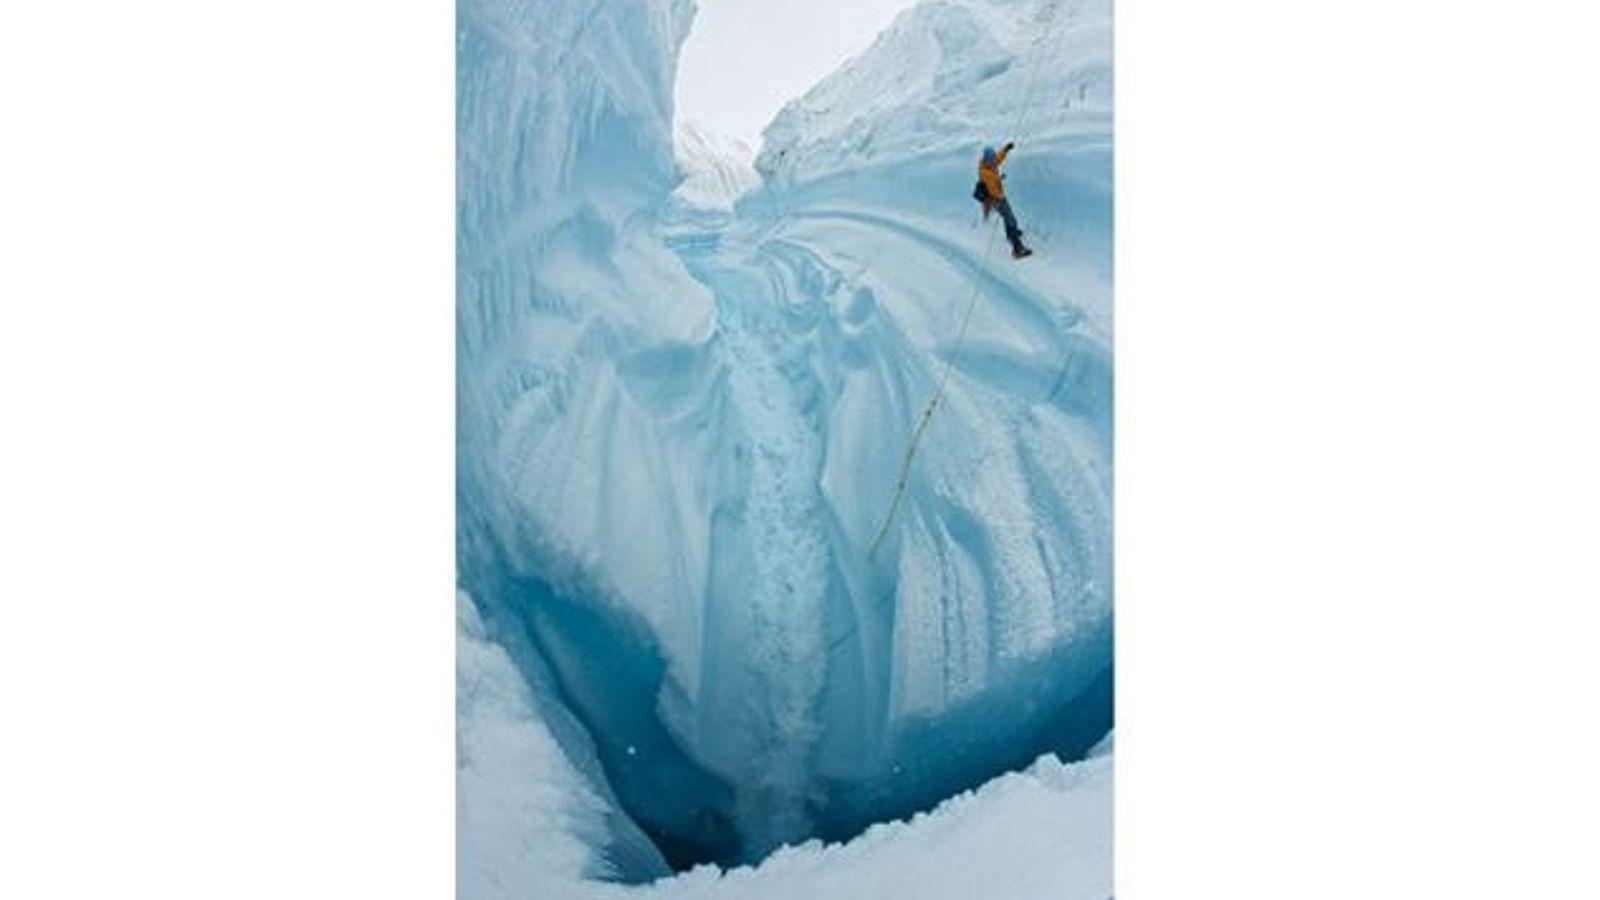 Kletterer am Gletscher